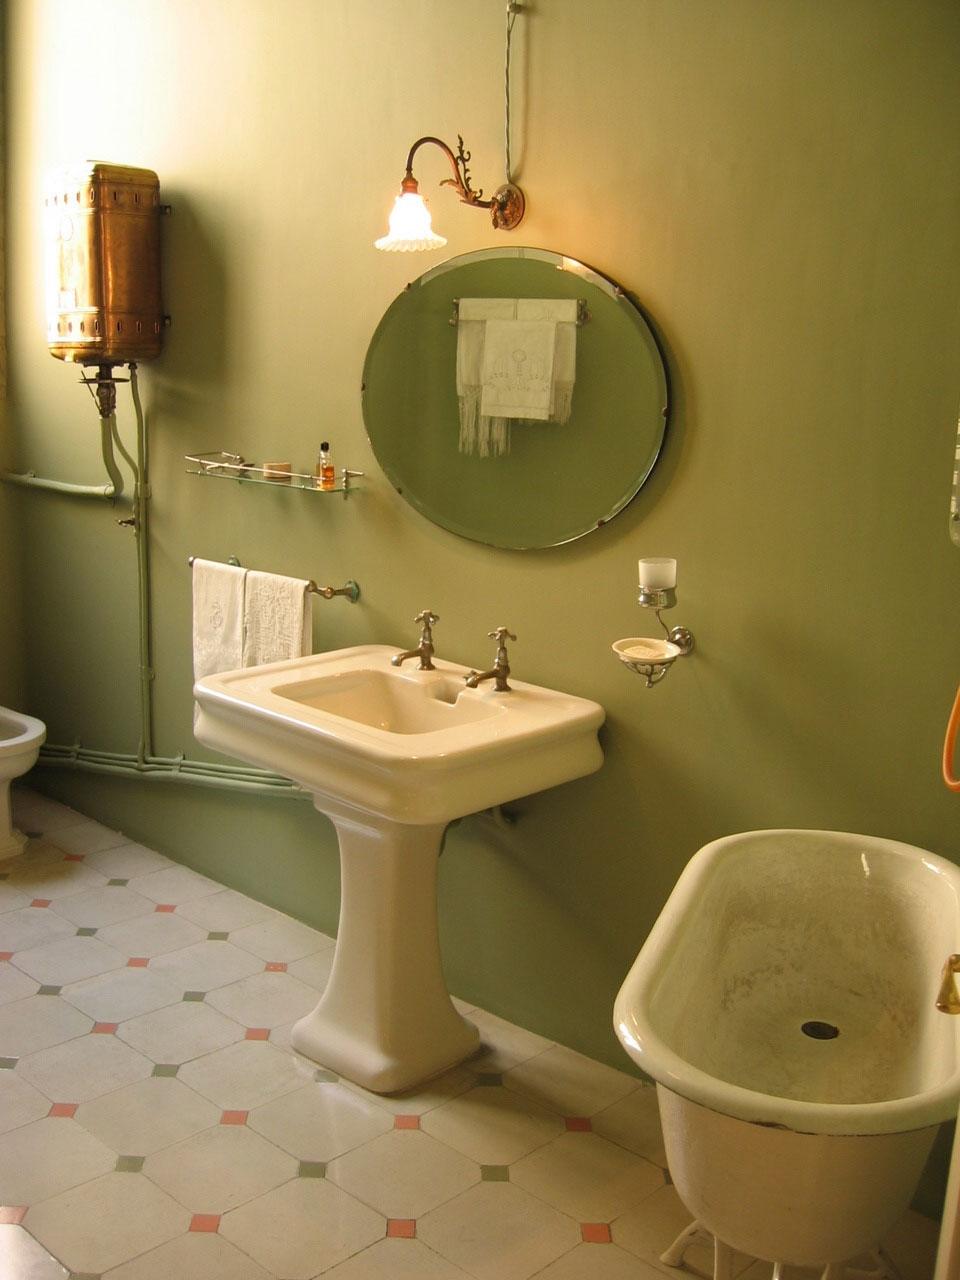 Antique Bathroom Mirror Lights